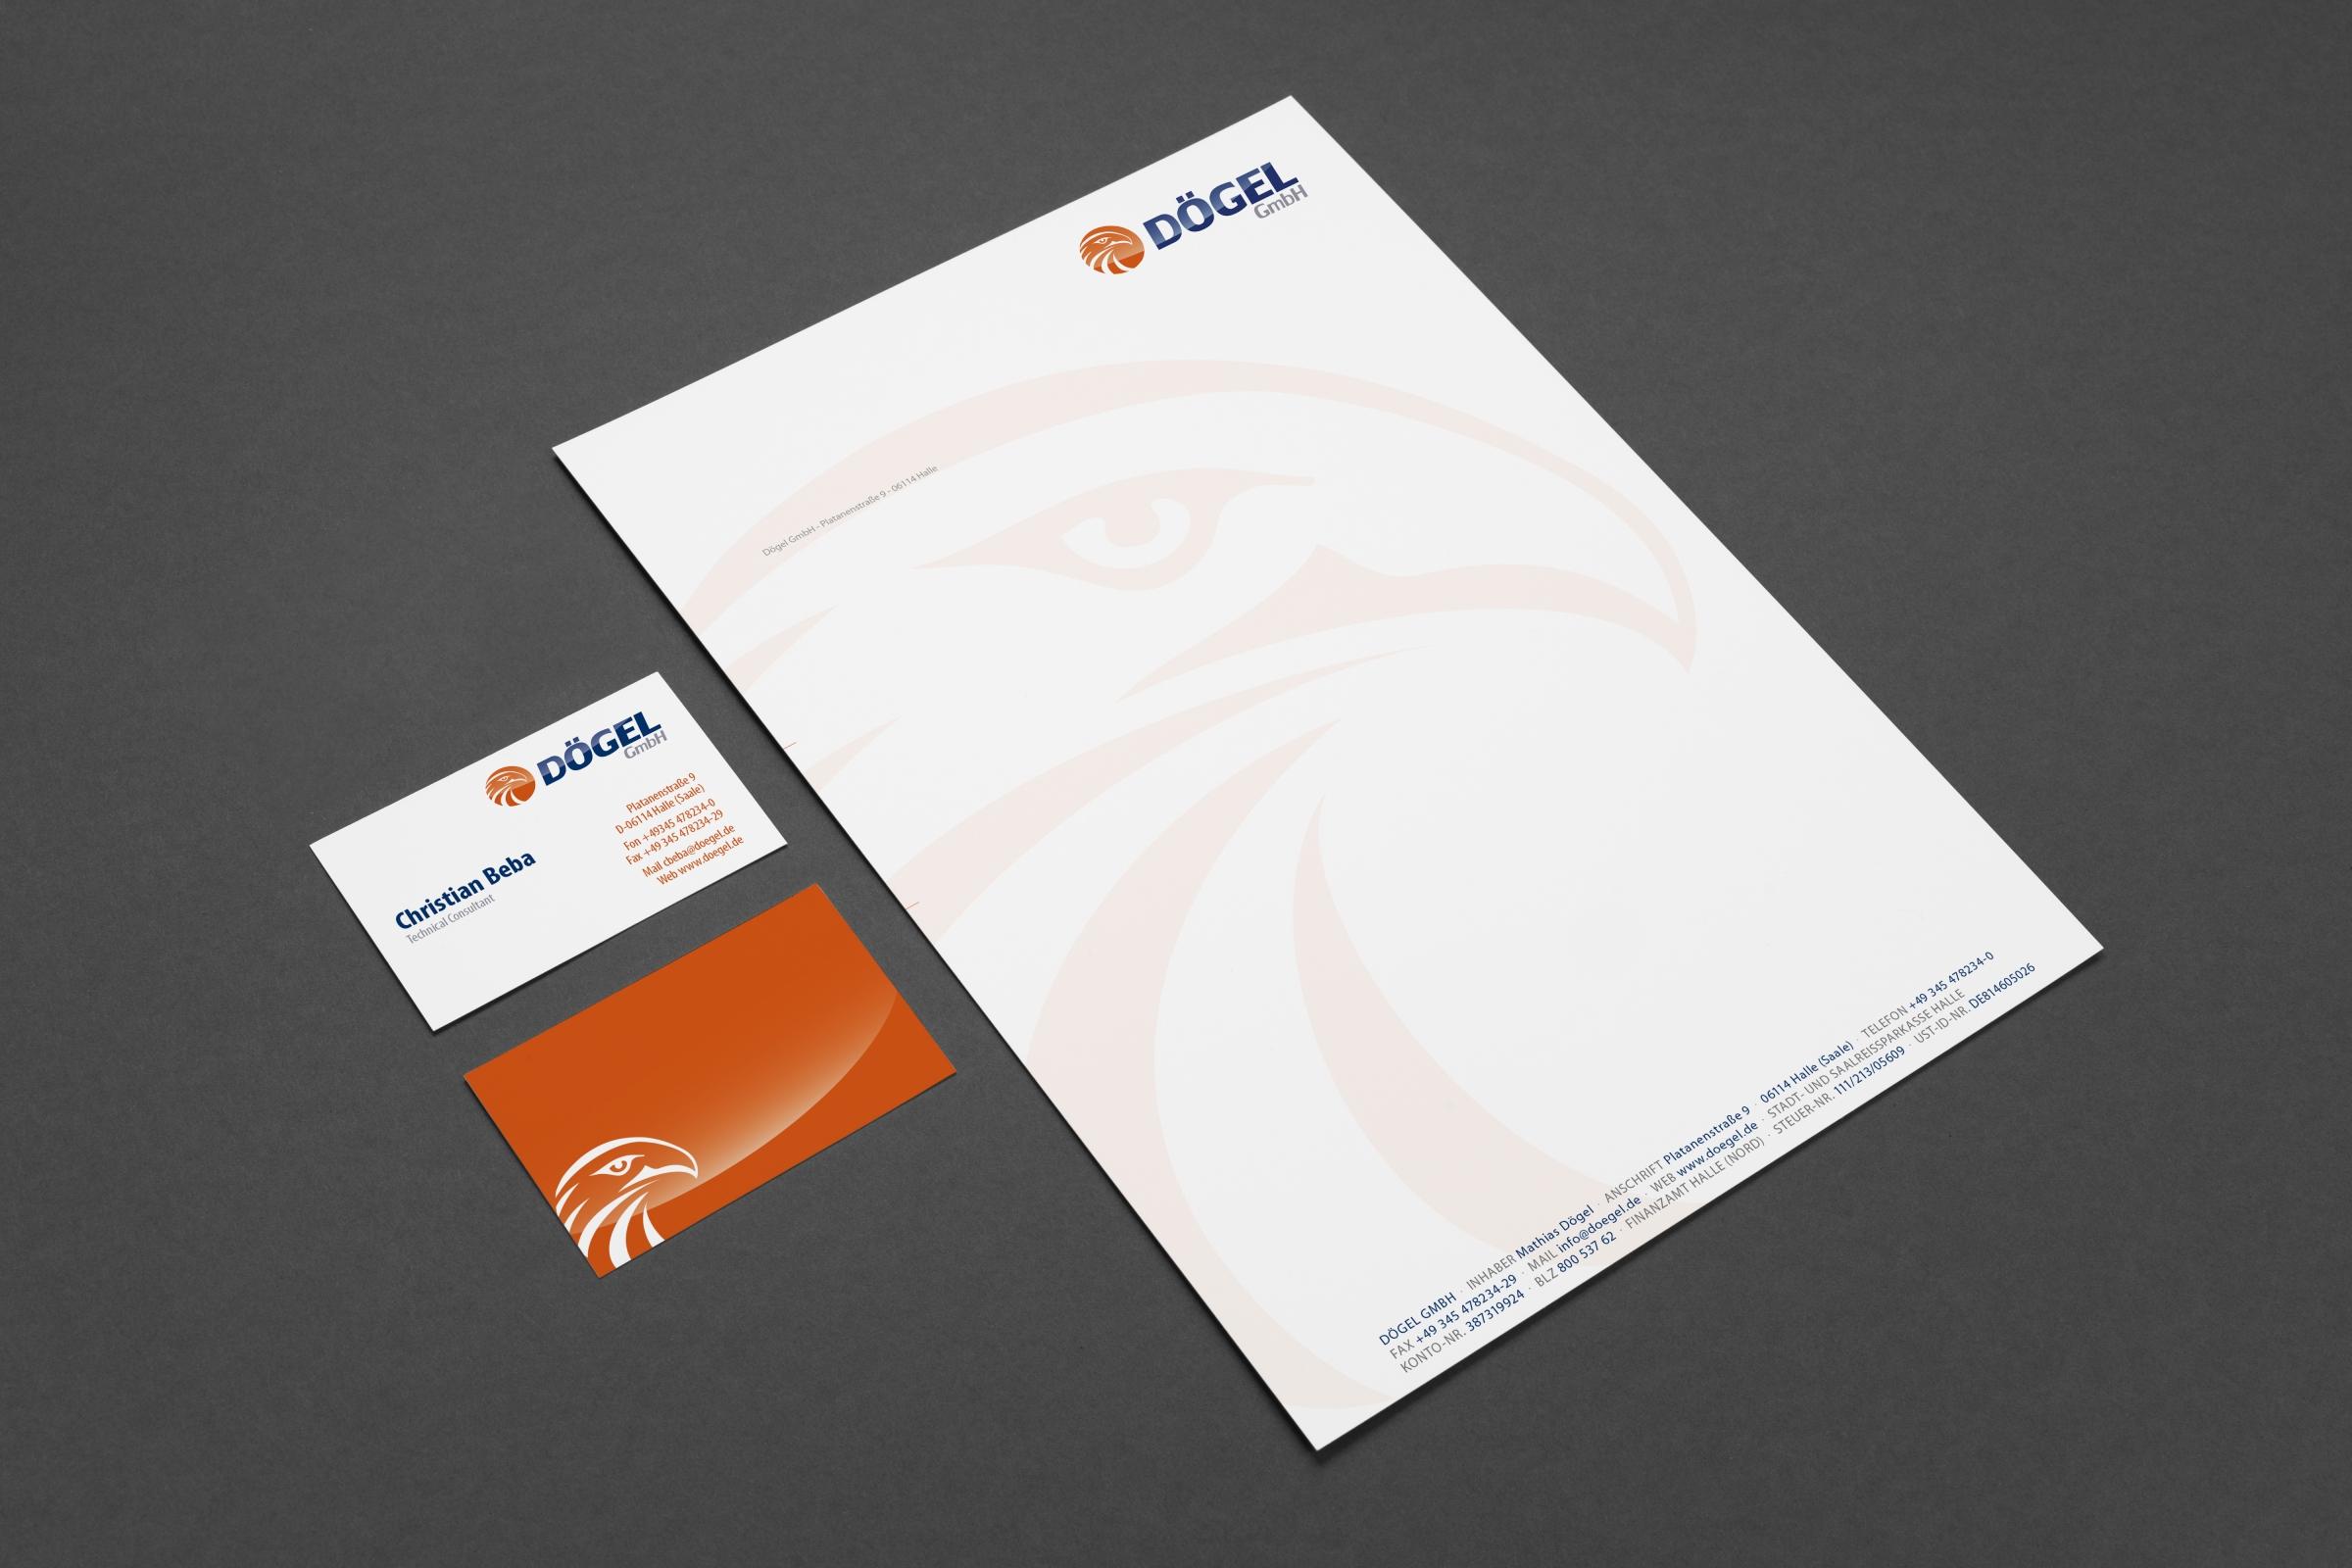 Dögel Corporate Design